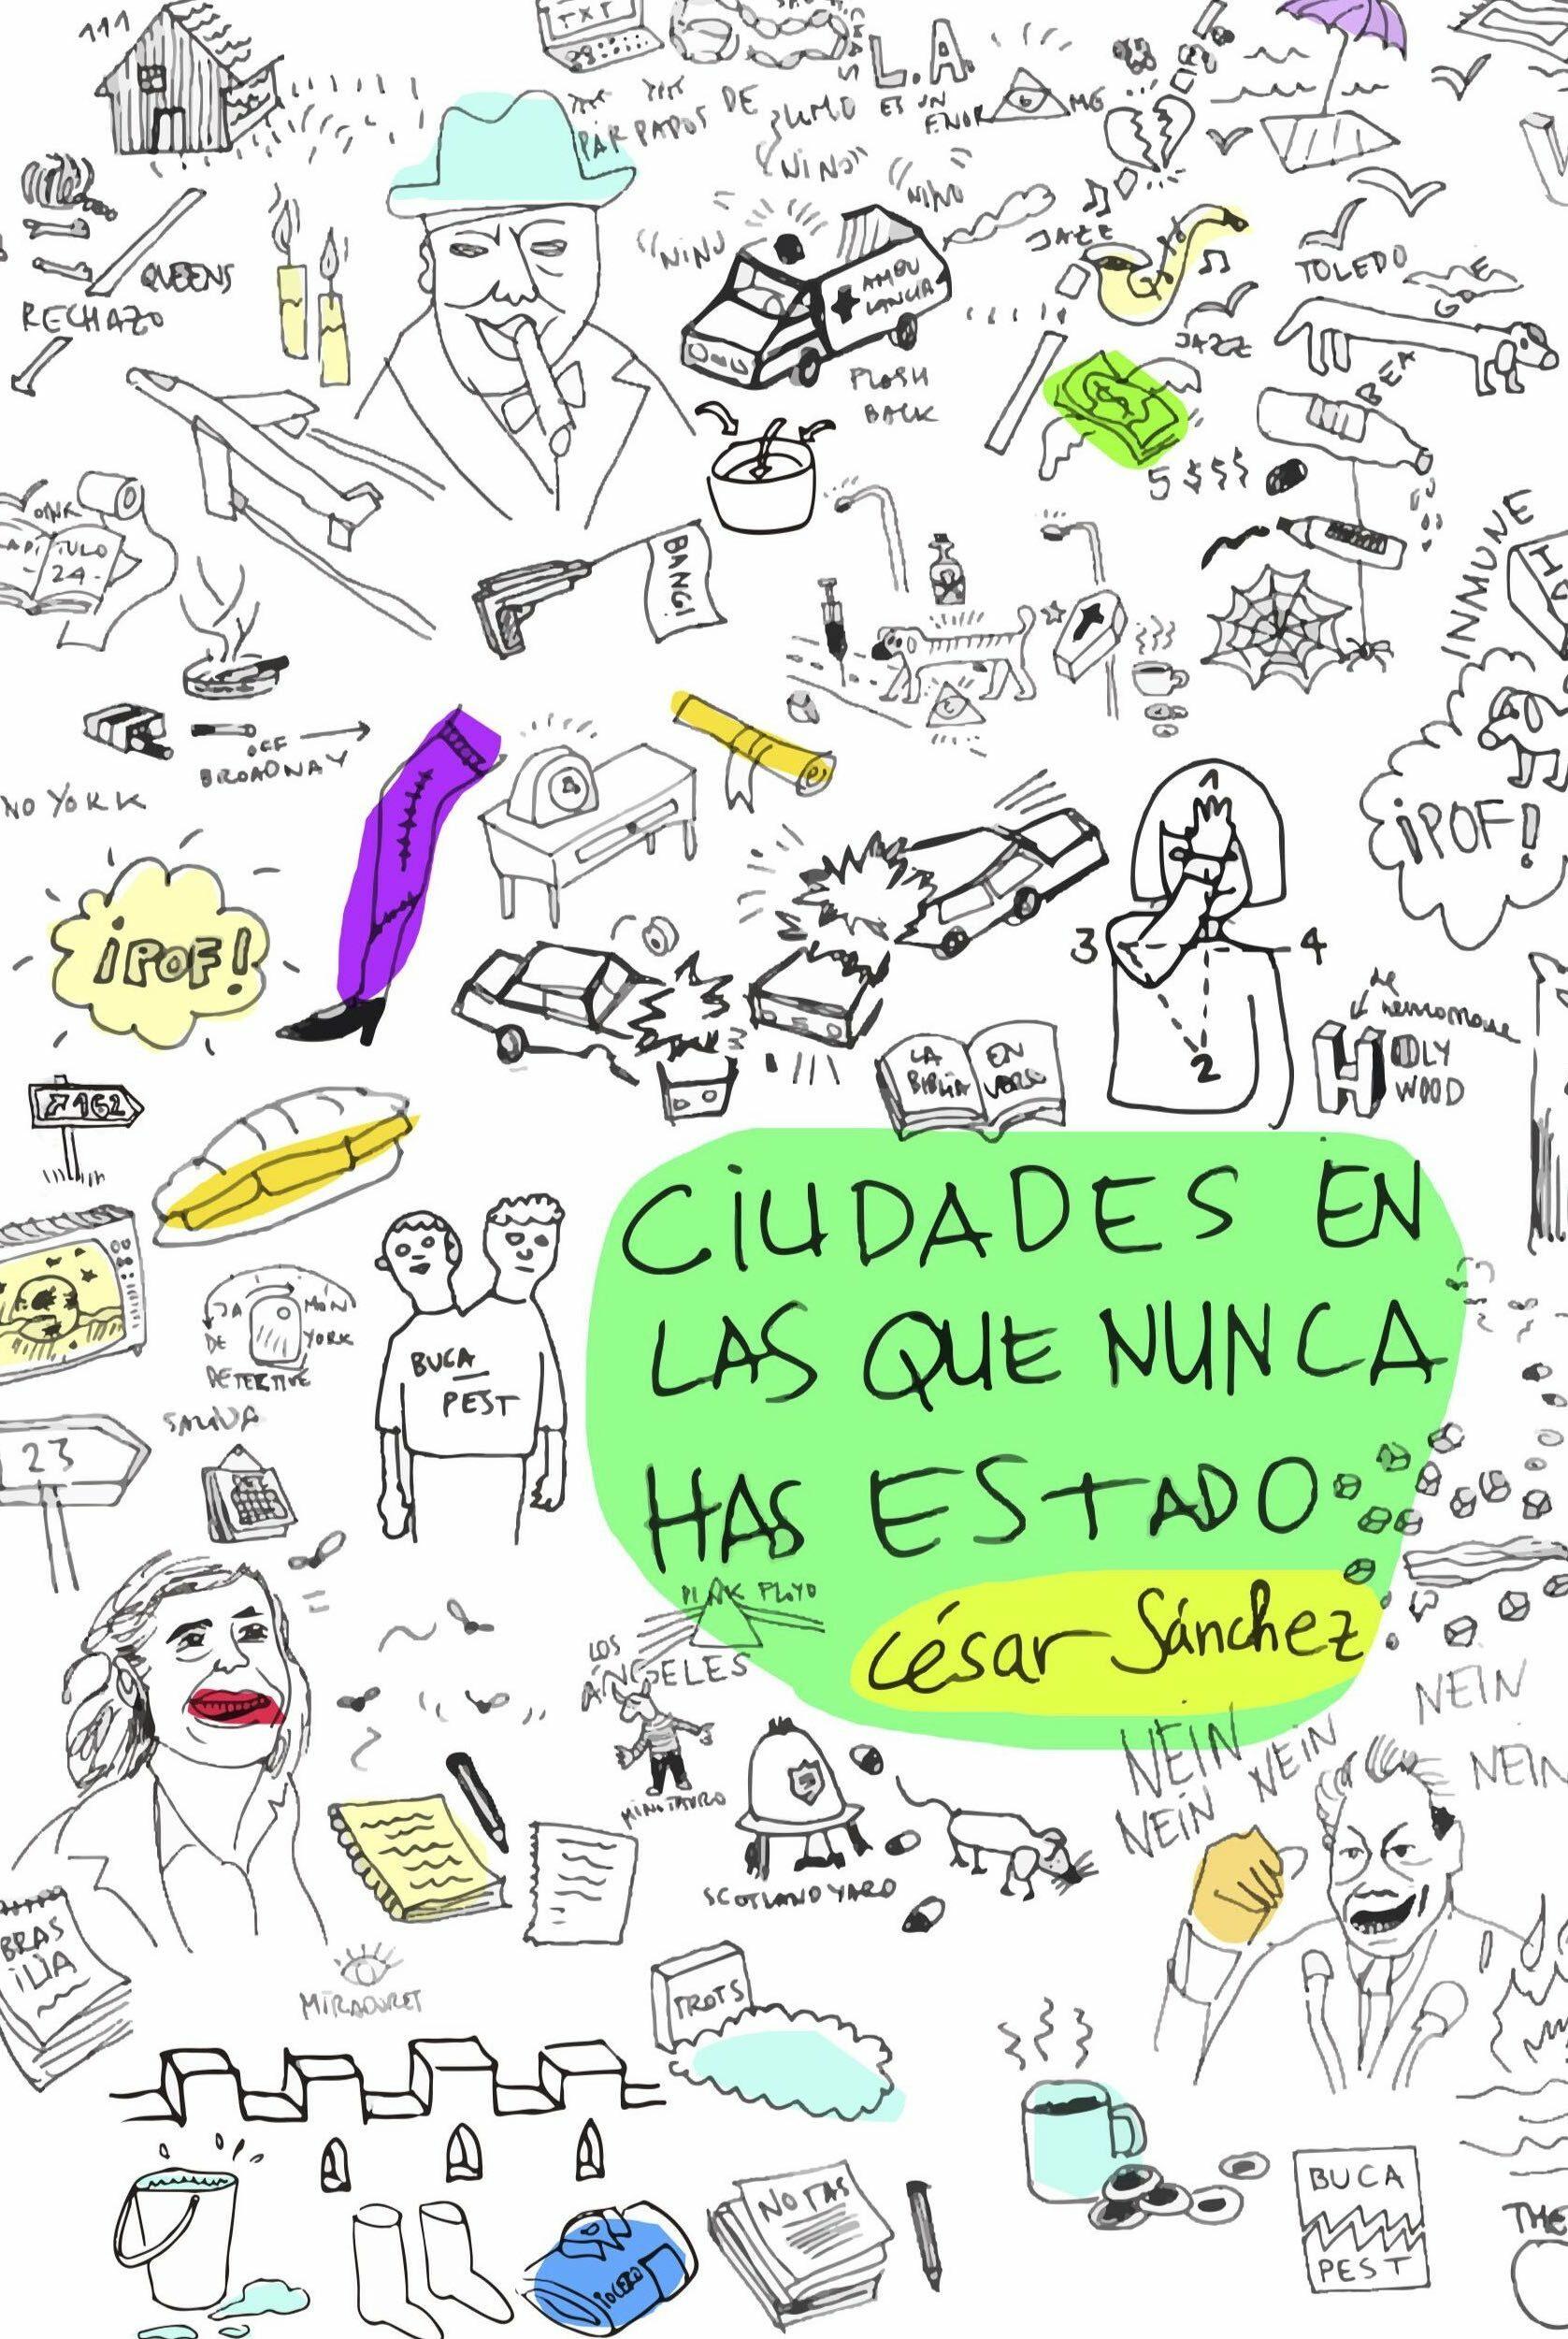 Ciudades En Las Que Nunca Has Estado - Sanchez Sanchez Cesar